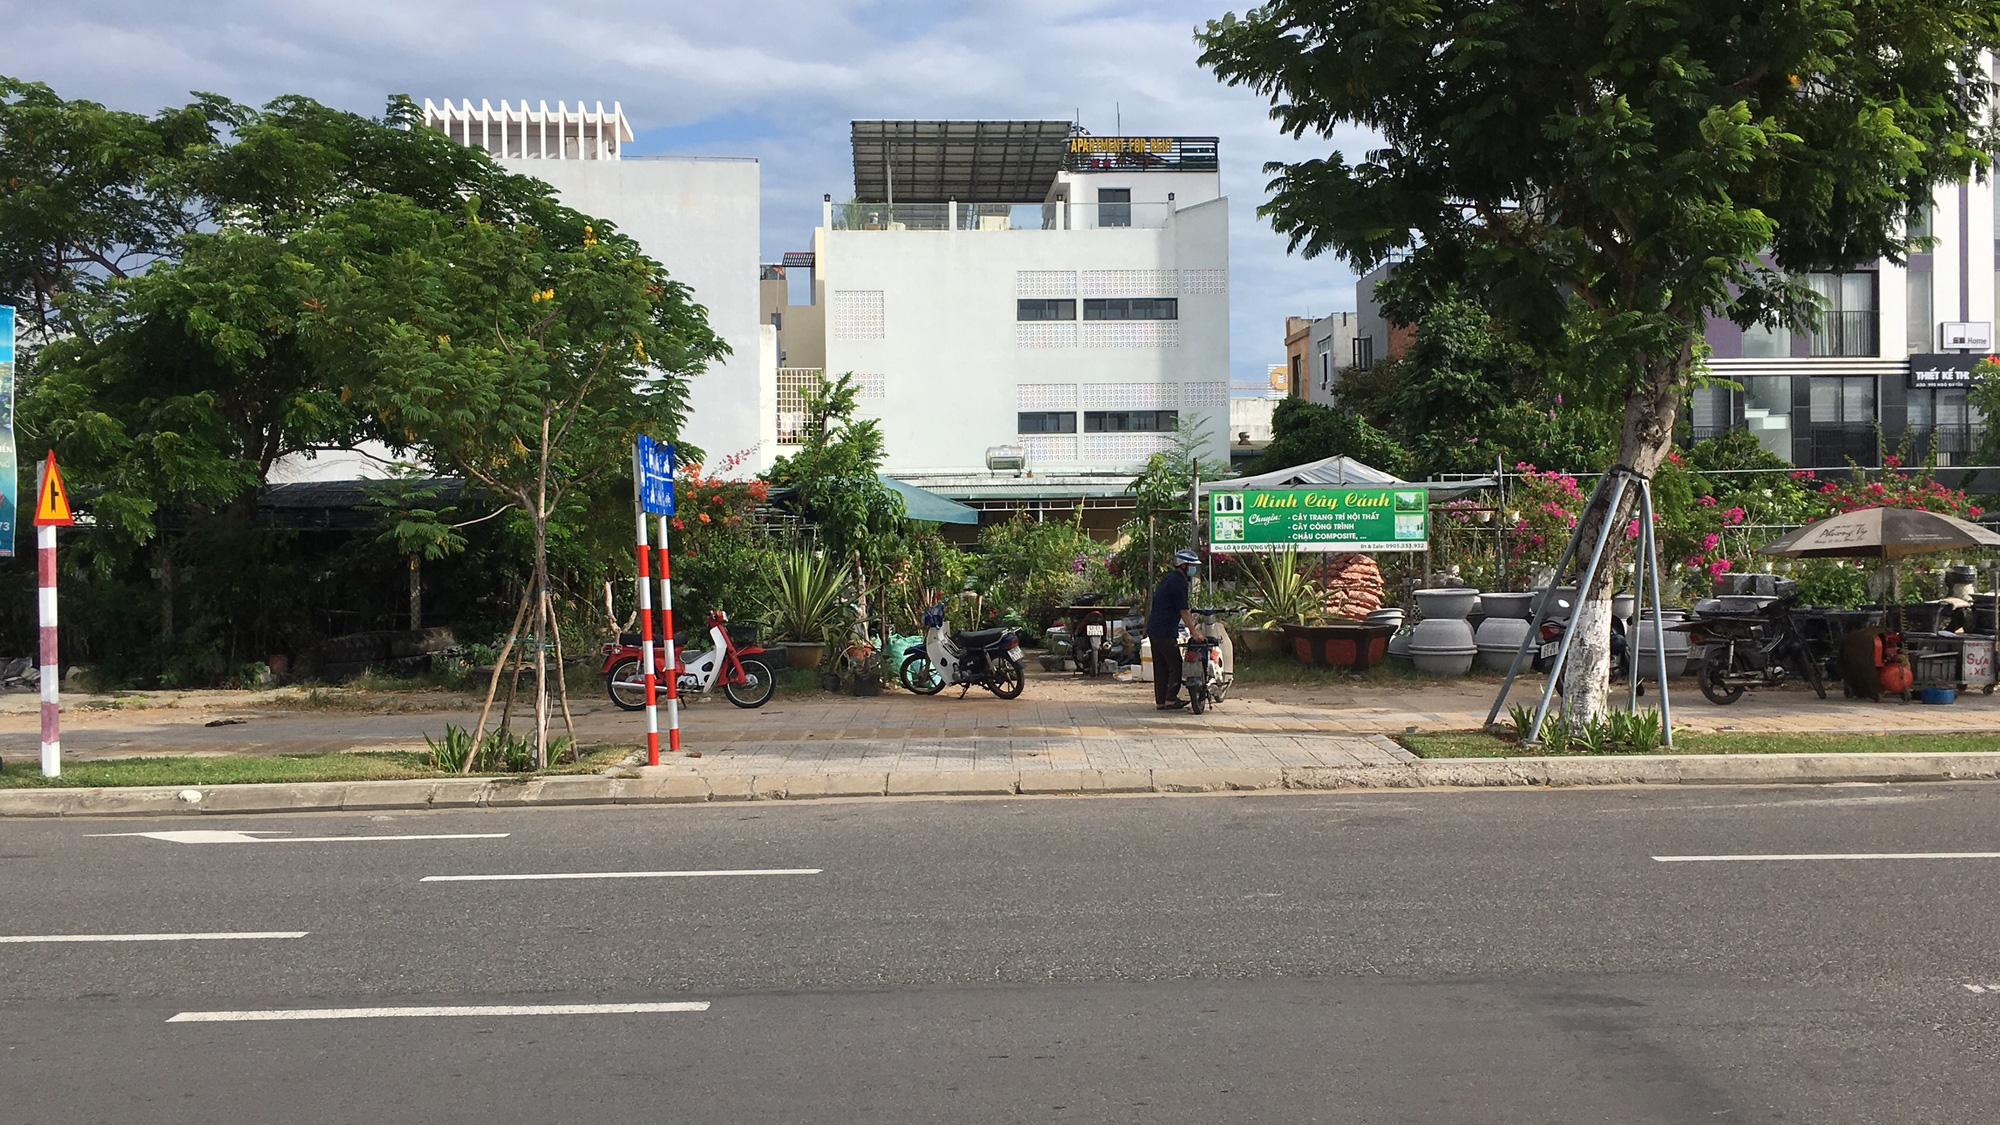 Cận cảnh hai khu đất mặt tiền đường Võ Văn Kiệt - Ngô Quyền, Đà Nẵng sẽ đấu giá xây dựng dự án cao 30 tầng - Ảnh 12.